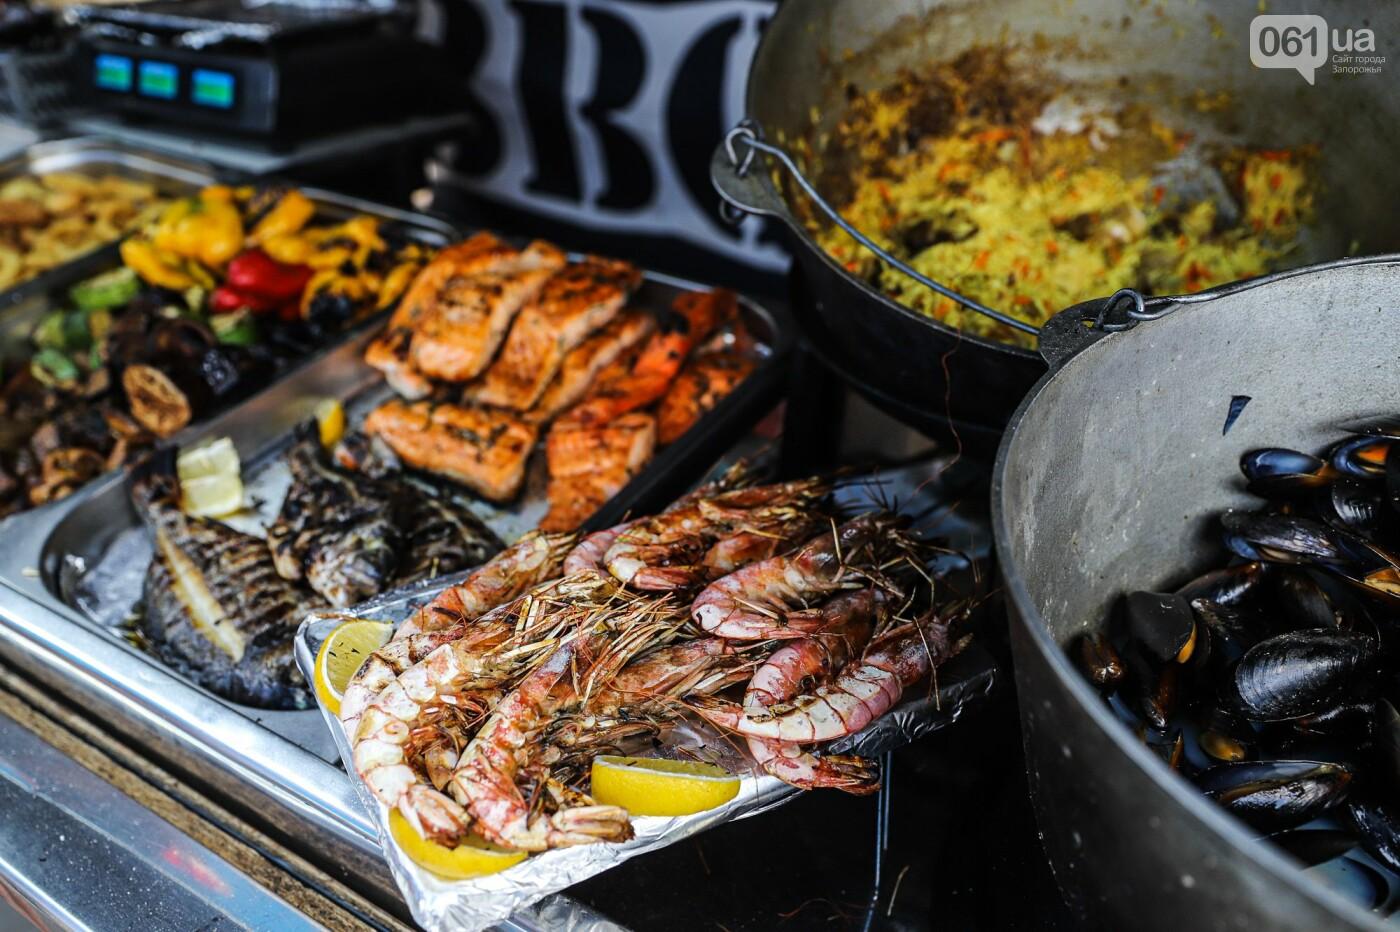 Бограч в хлебных горшочках и мясо из уникальной печи: что нового на фестивале уличной еды в Запорожье, - ФОТОРЕПОРТАЖ, фото-35